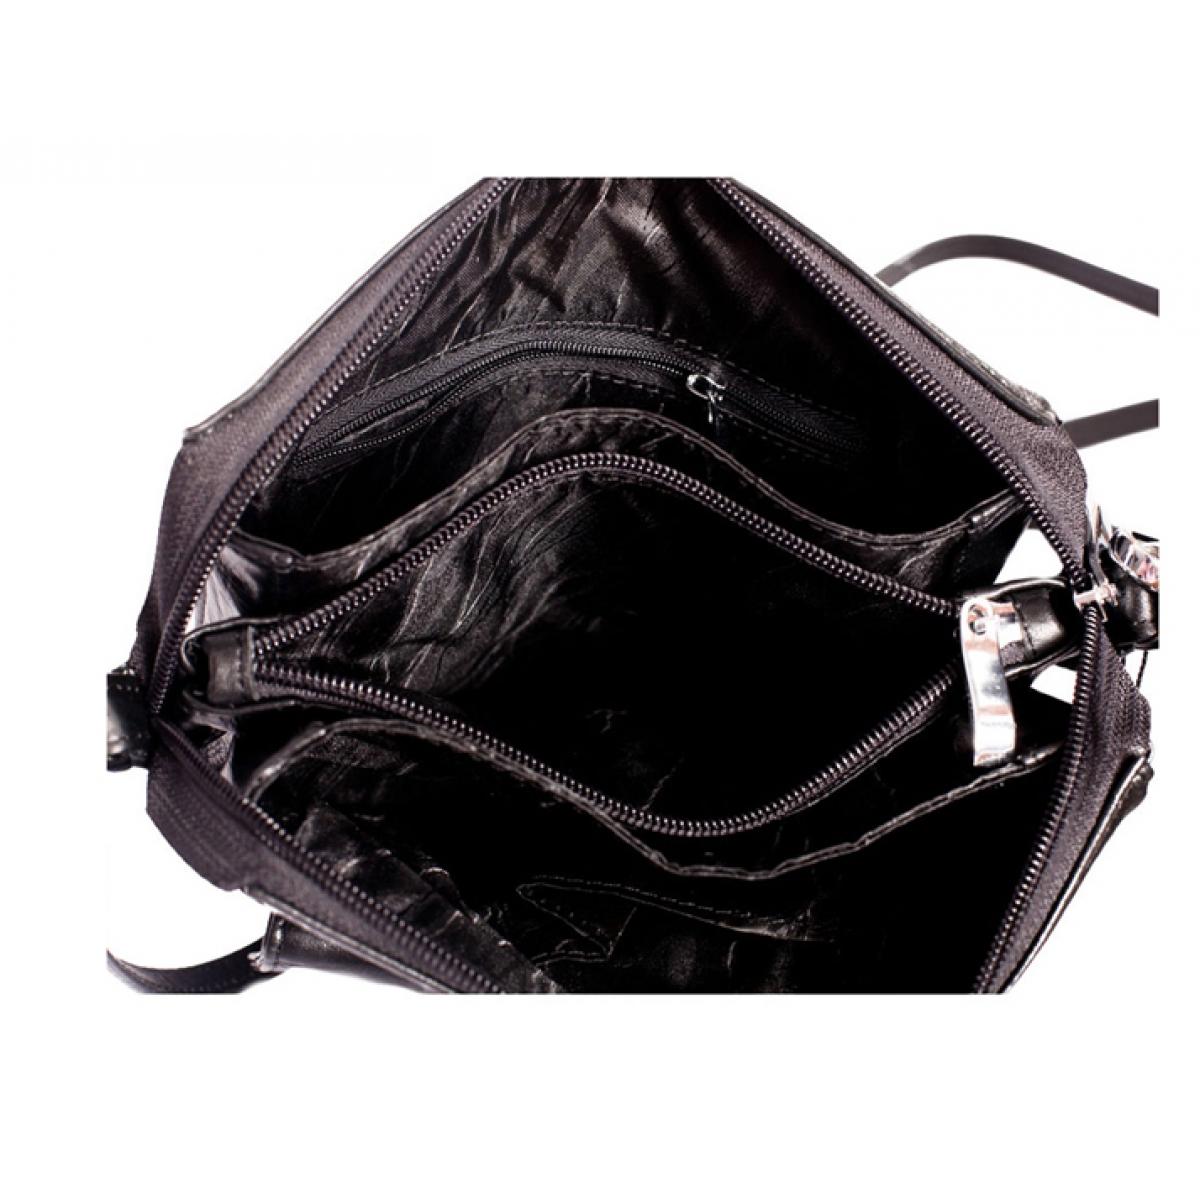 Sergio Valentini СП 1130-1 Наппа-Блек,   сумка-планшет